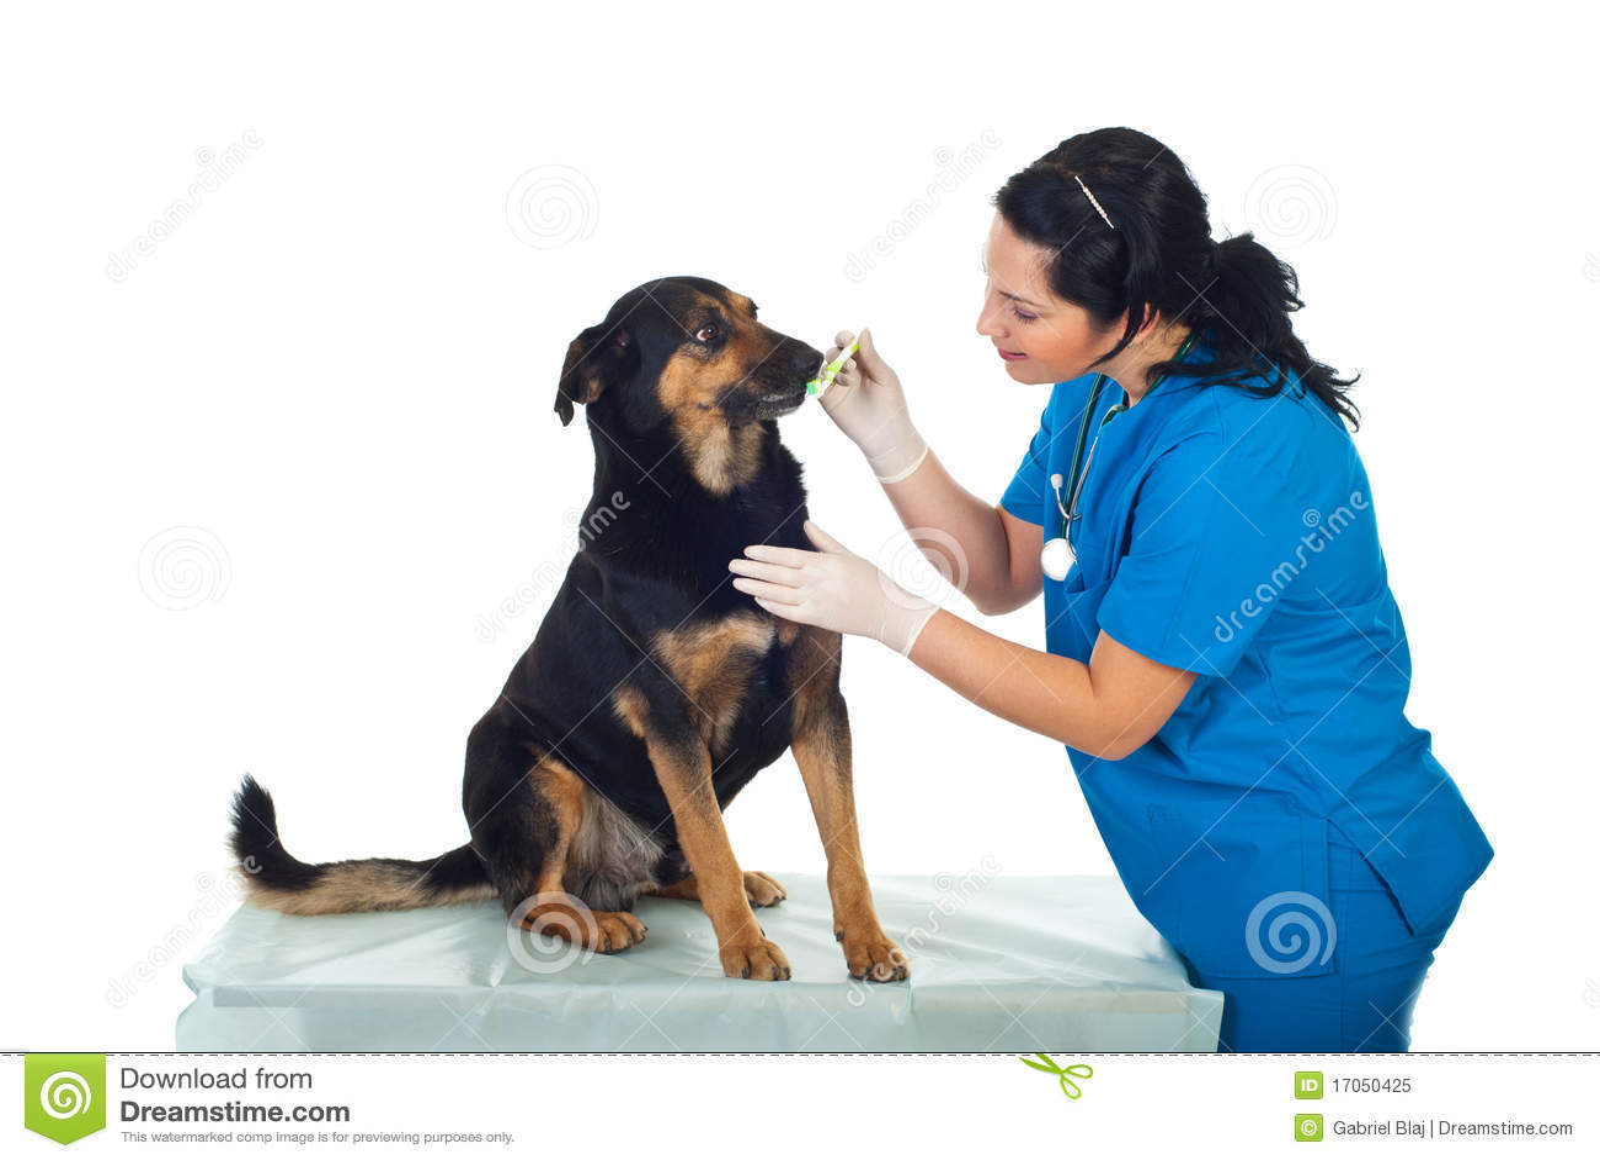 βουρτσίζοντας κτηνίατρο